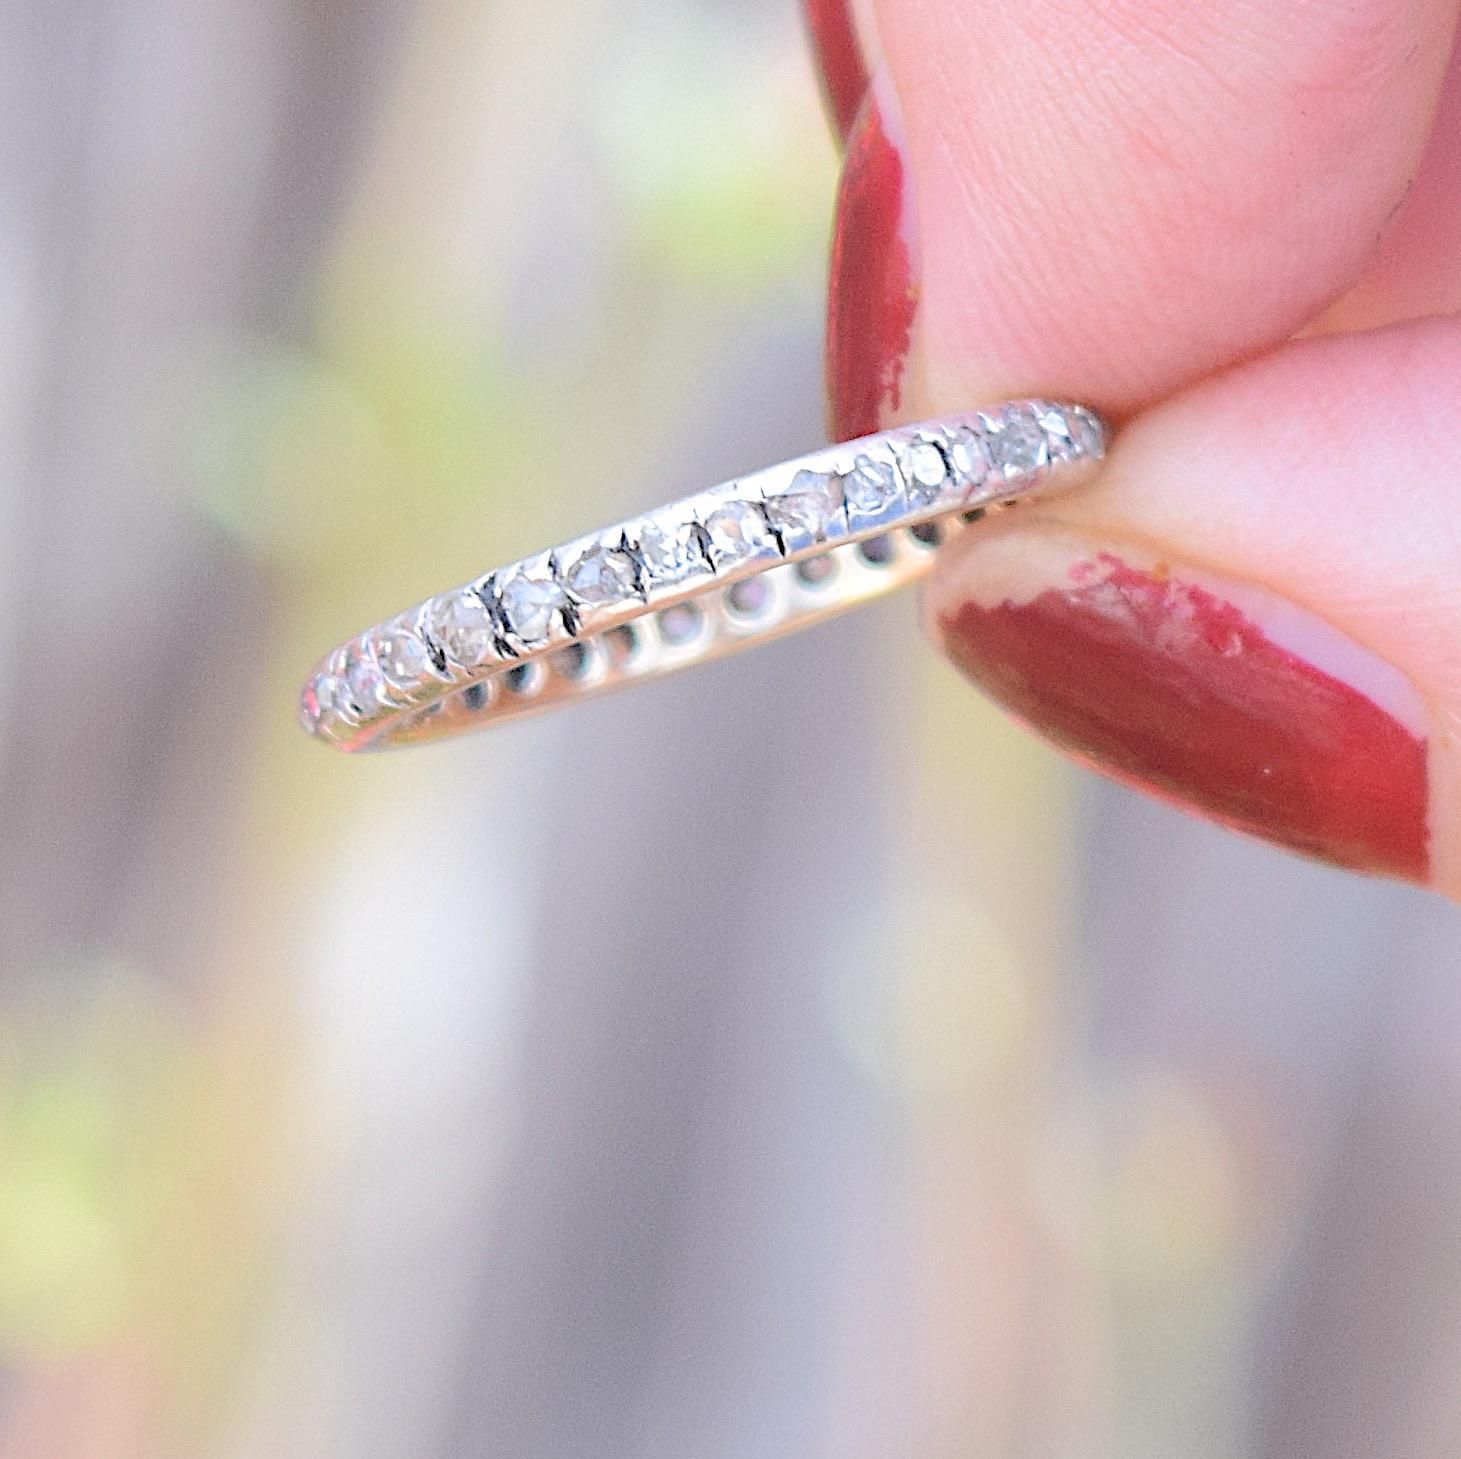 טבעת איטרניטי עתיקה זהב וכסף עם יהלומים. נהדרת.